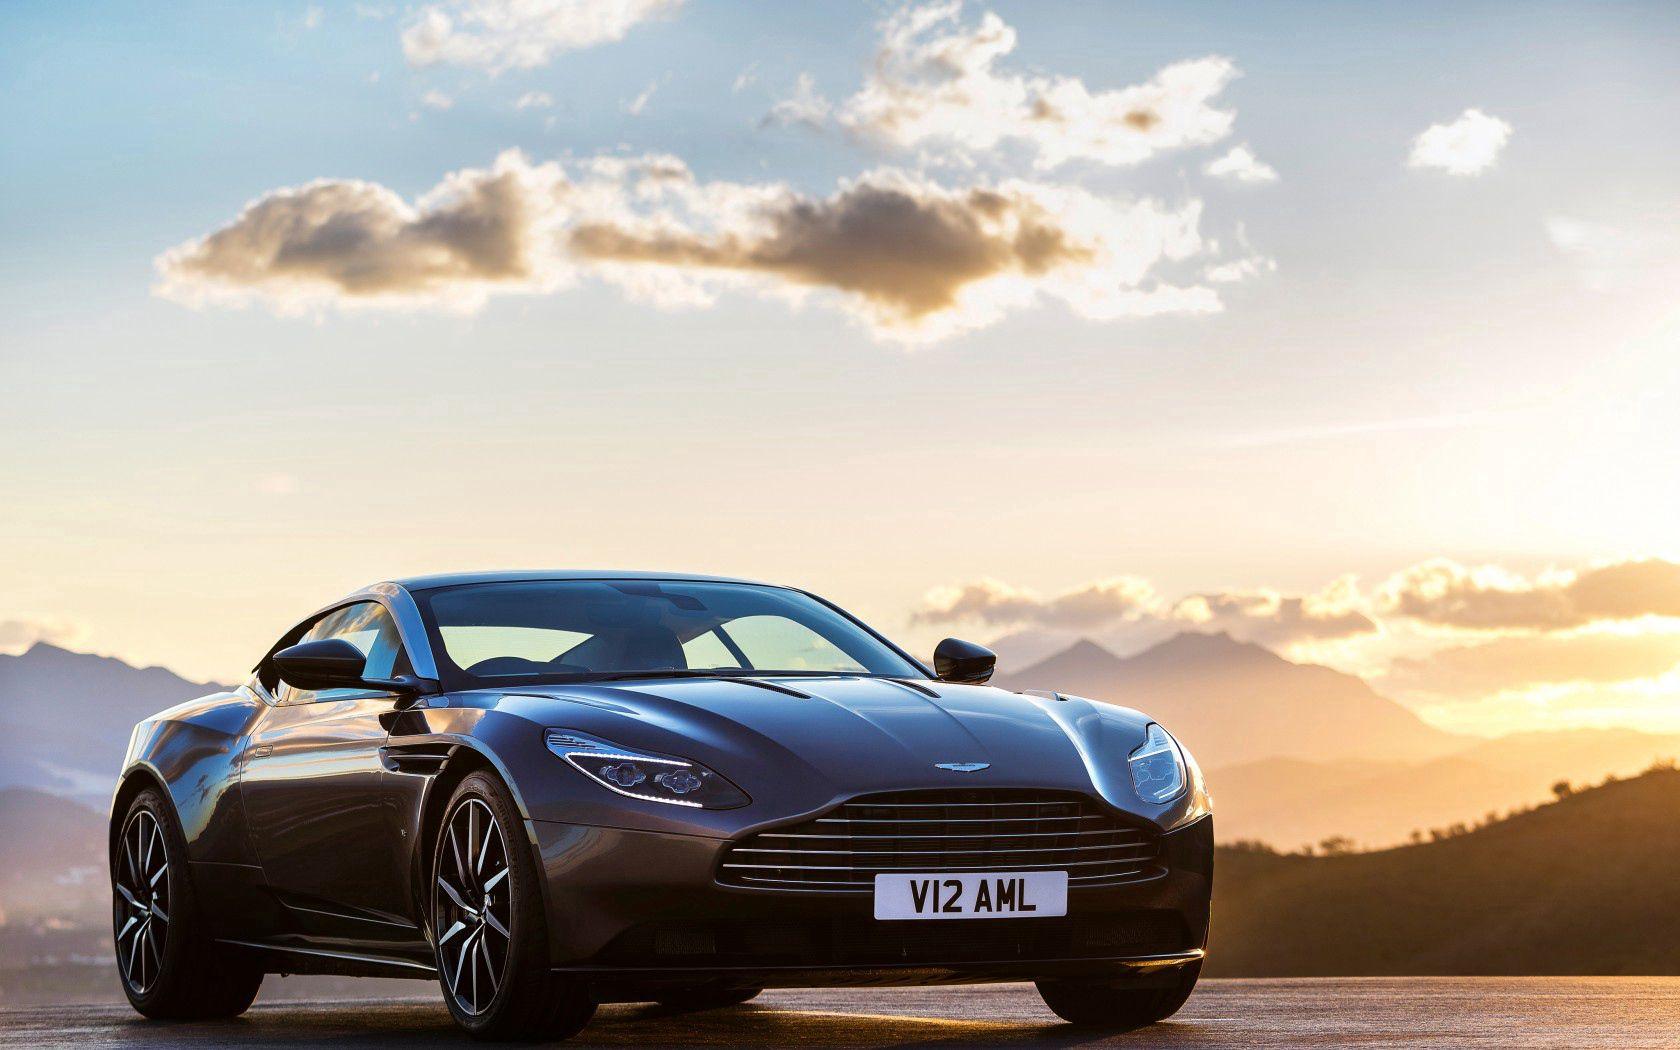 58297 Заставки и Обои Астон Мартин (Aston Martin) на телефон. Скачать Астон Мартин (Aston Martin), Тачки (Cars), Вид Сбоку, Db11 картинки бесплатно